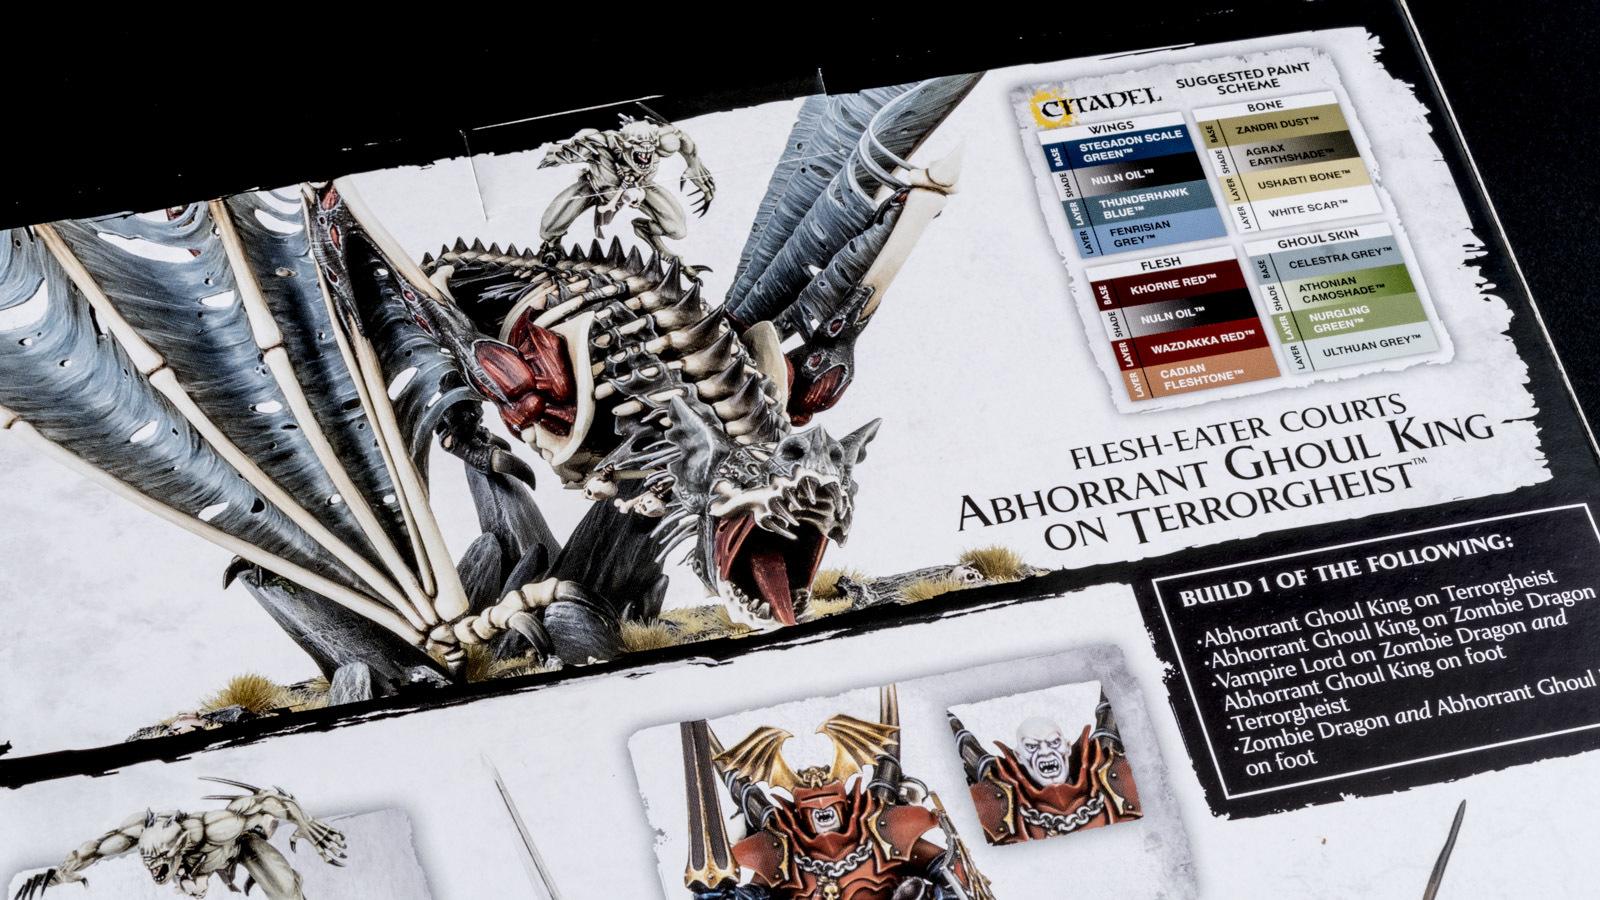 キミは腐ったドラゴンのプラモデルを組んだことがあるか(後編)_b0029315_13294807.jpg